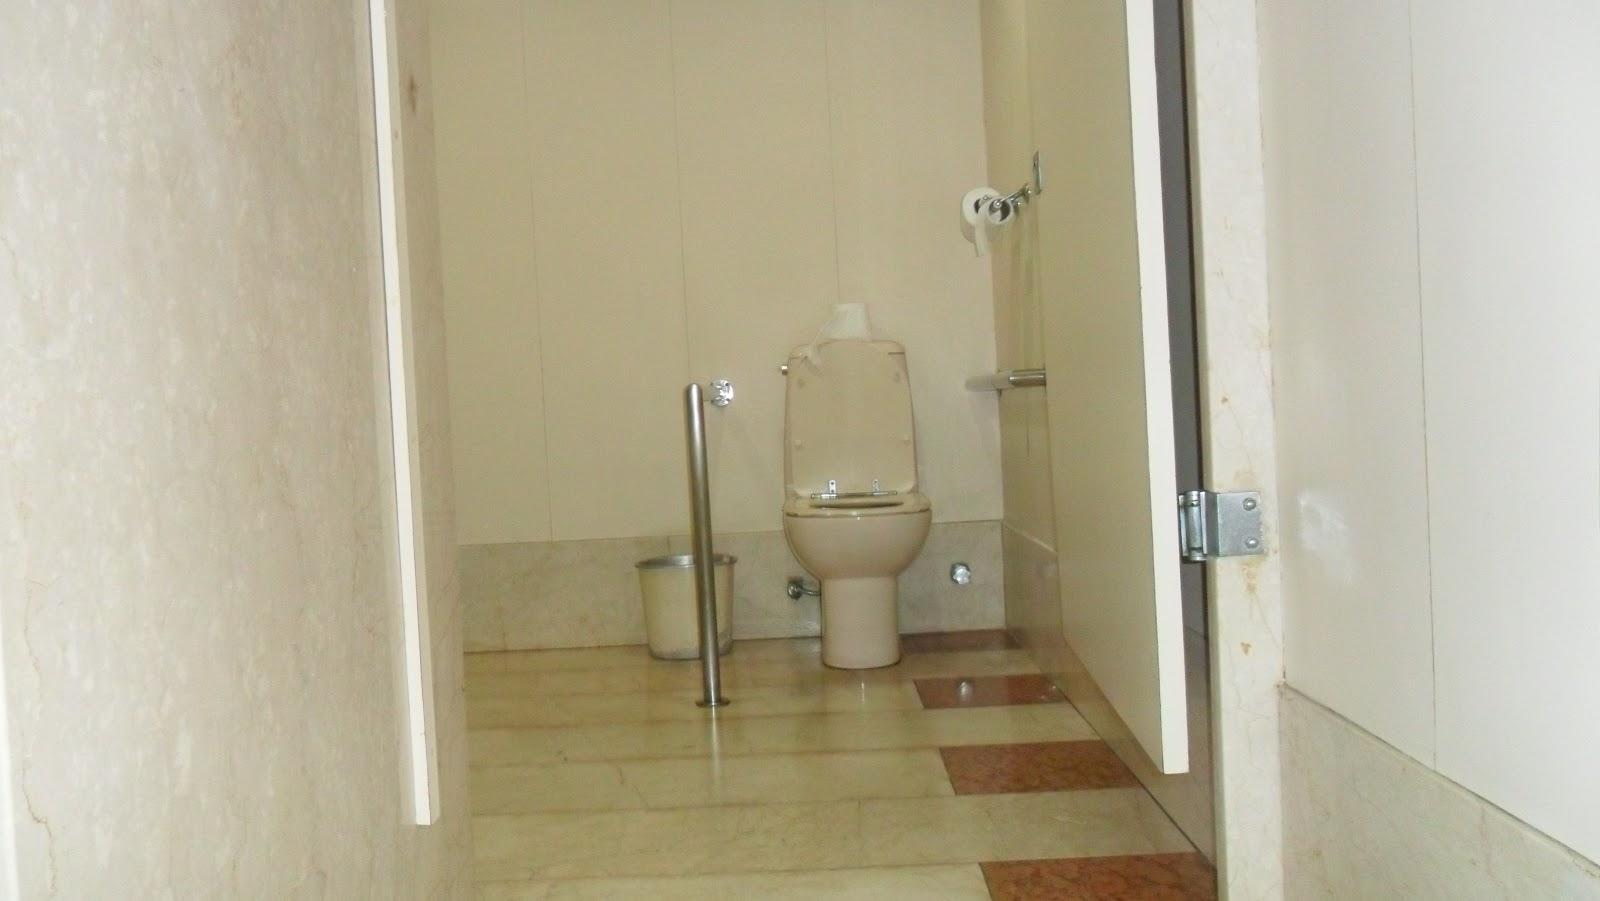 SÉRIE BANHEIRO ACESSÍVEL ? 2# QUARTO DE HOTEL SEM ACESSIBILIDADE #694929 1600x901 Banheiro Adaptado Acessibilidade